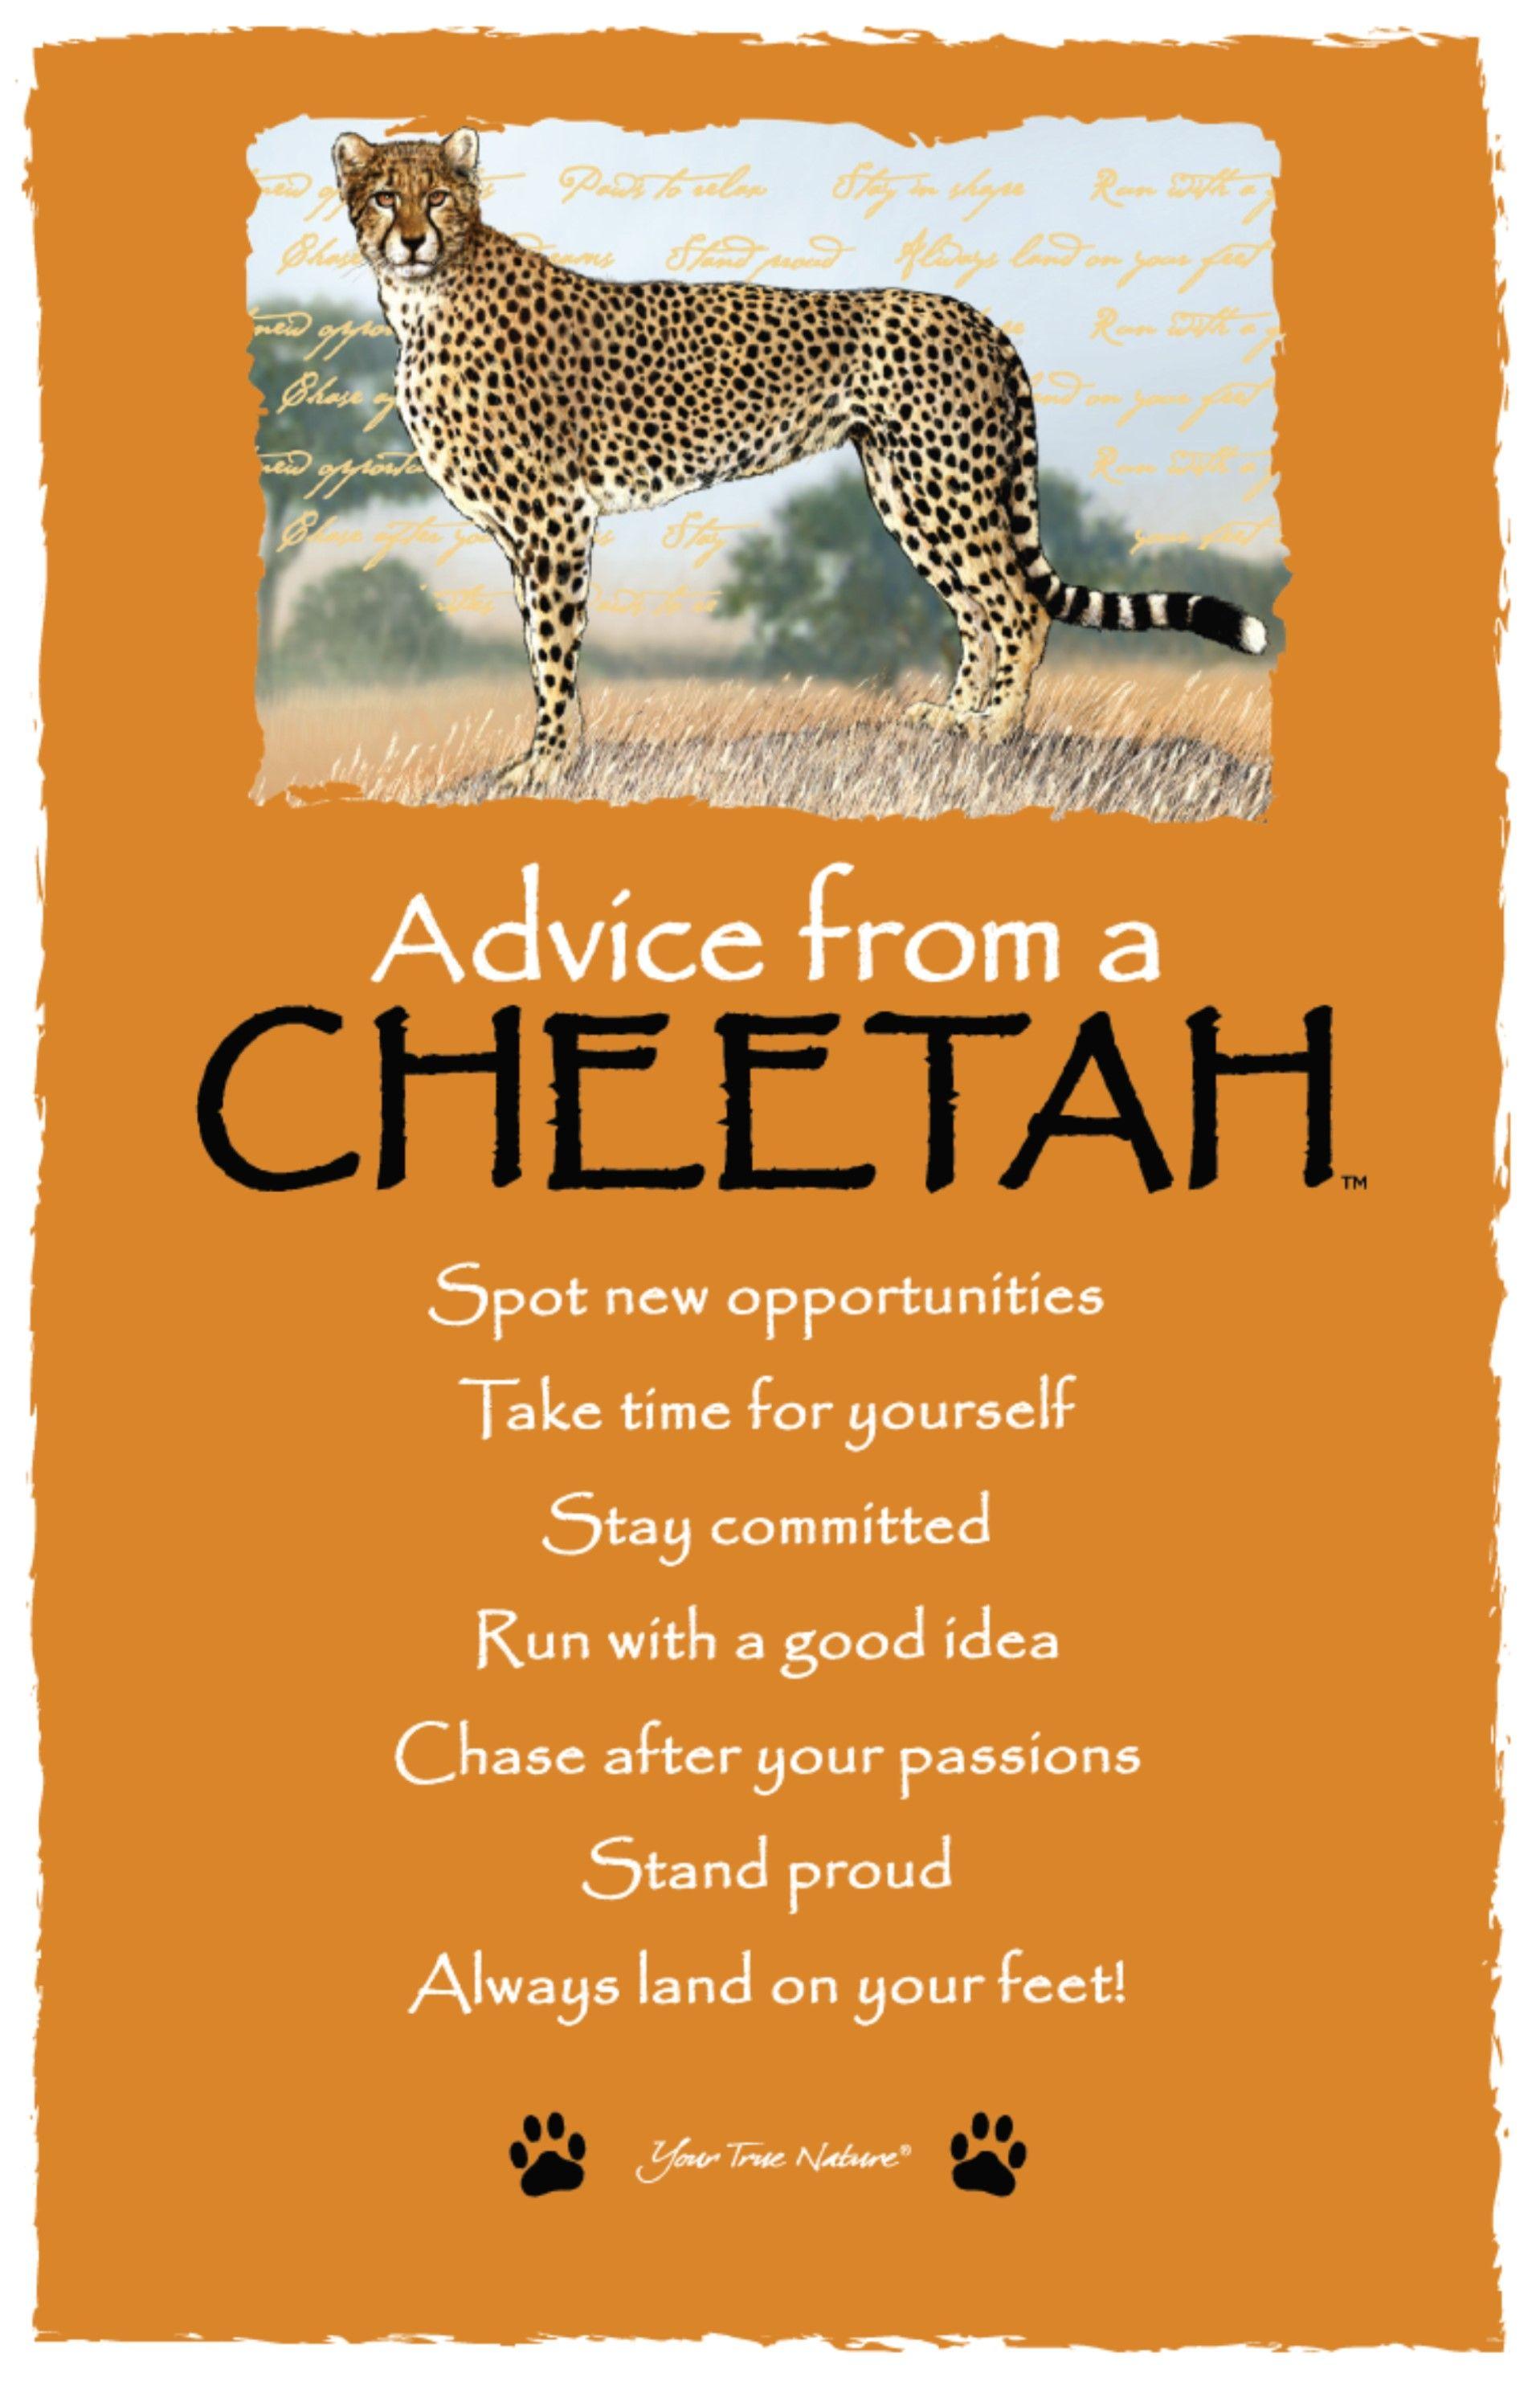 Cheetah dating site